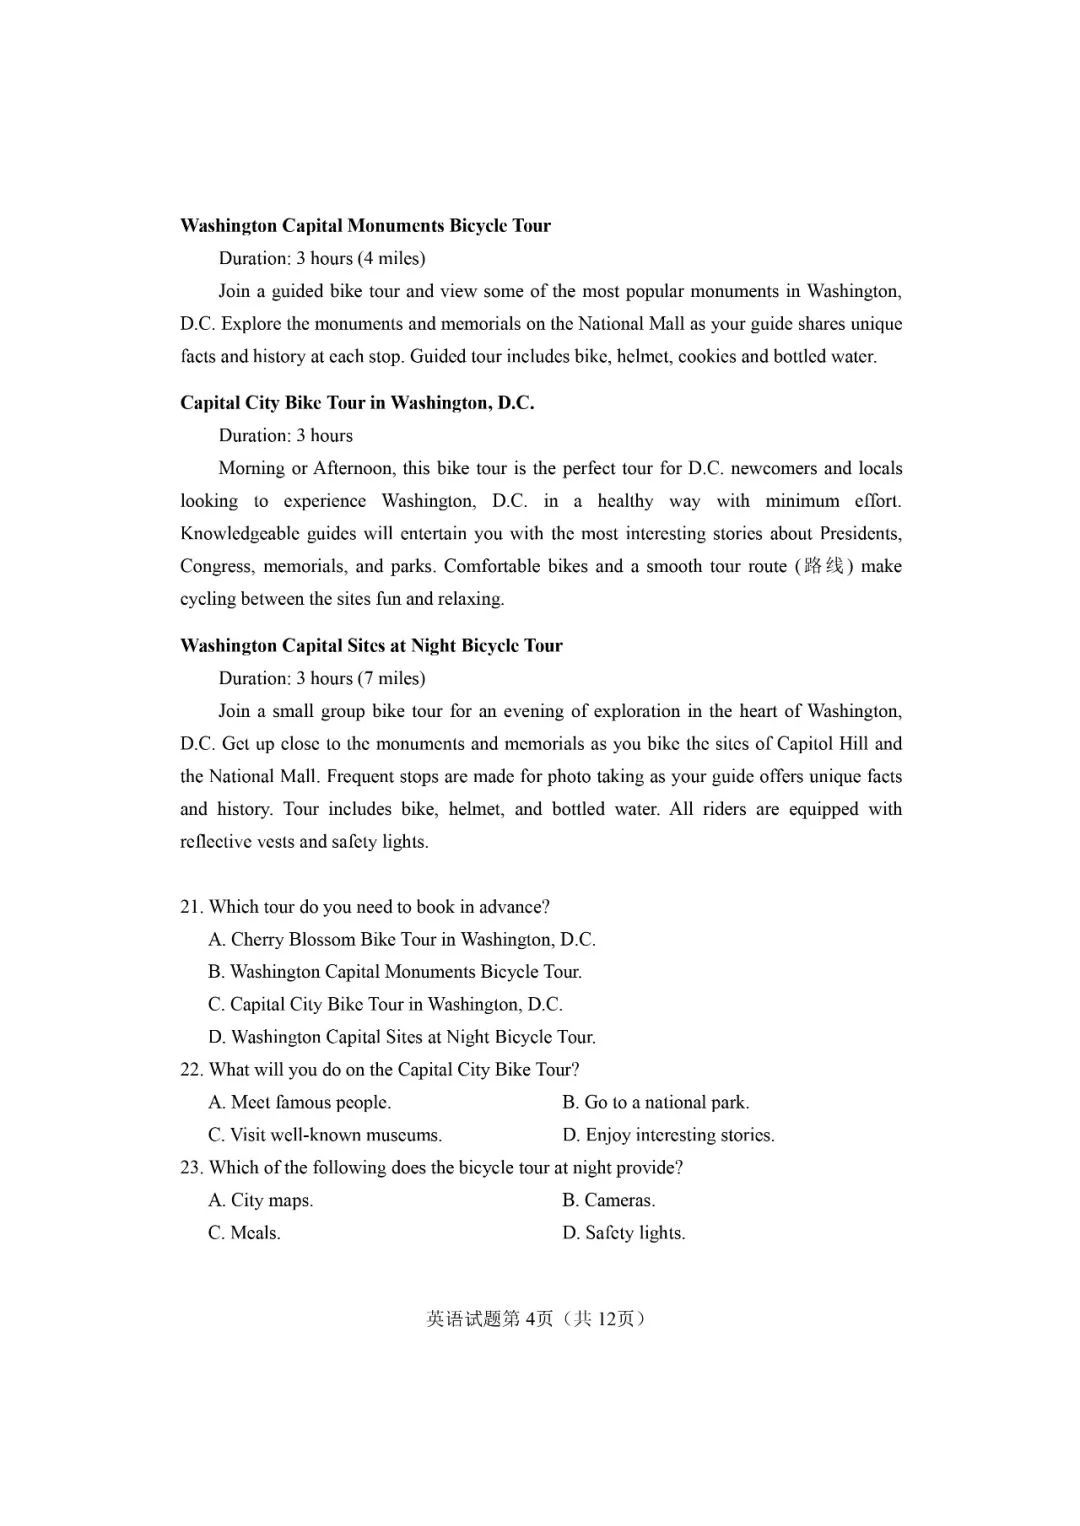 2018世界高测验卷及尺度谜底(全学科高清版)!看看你会做几多?(责编保举:高中亚博体育官方网下载zsjyx.com)